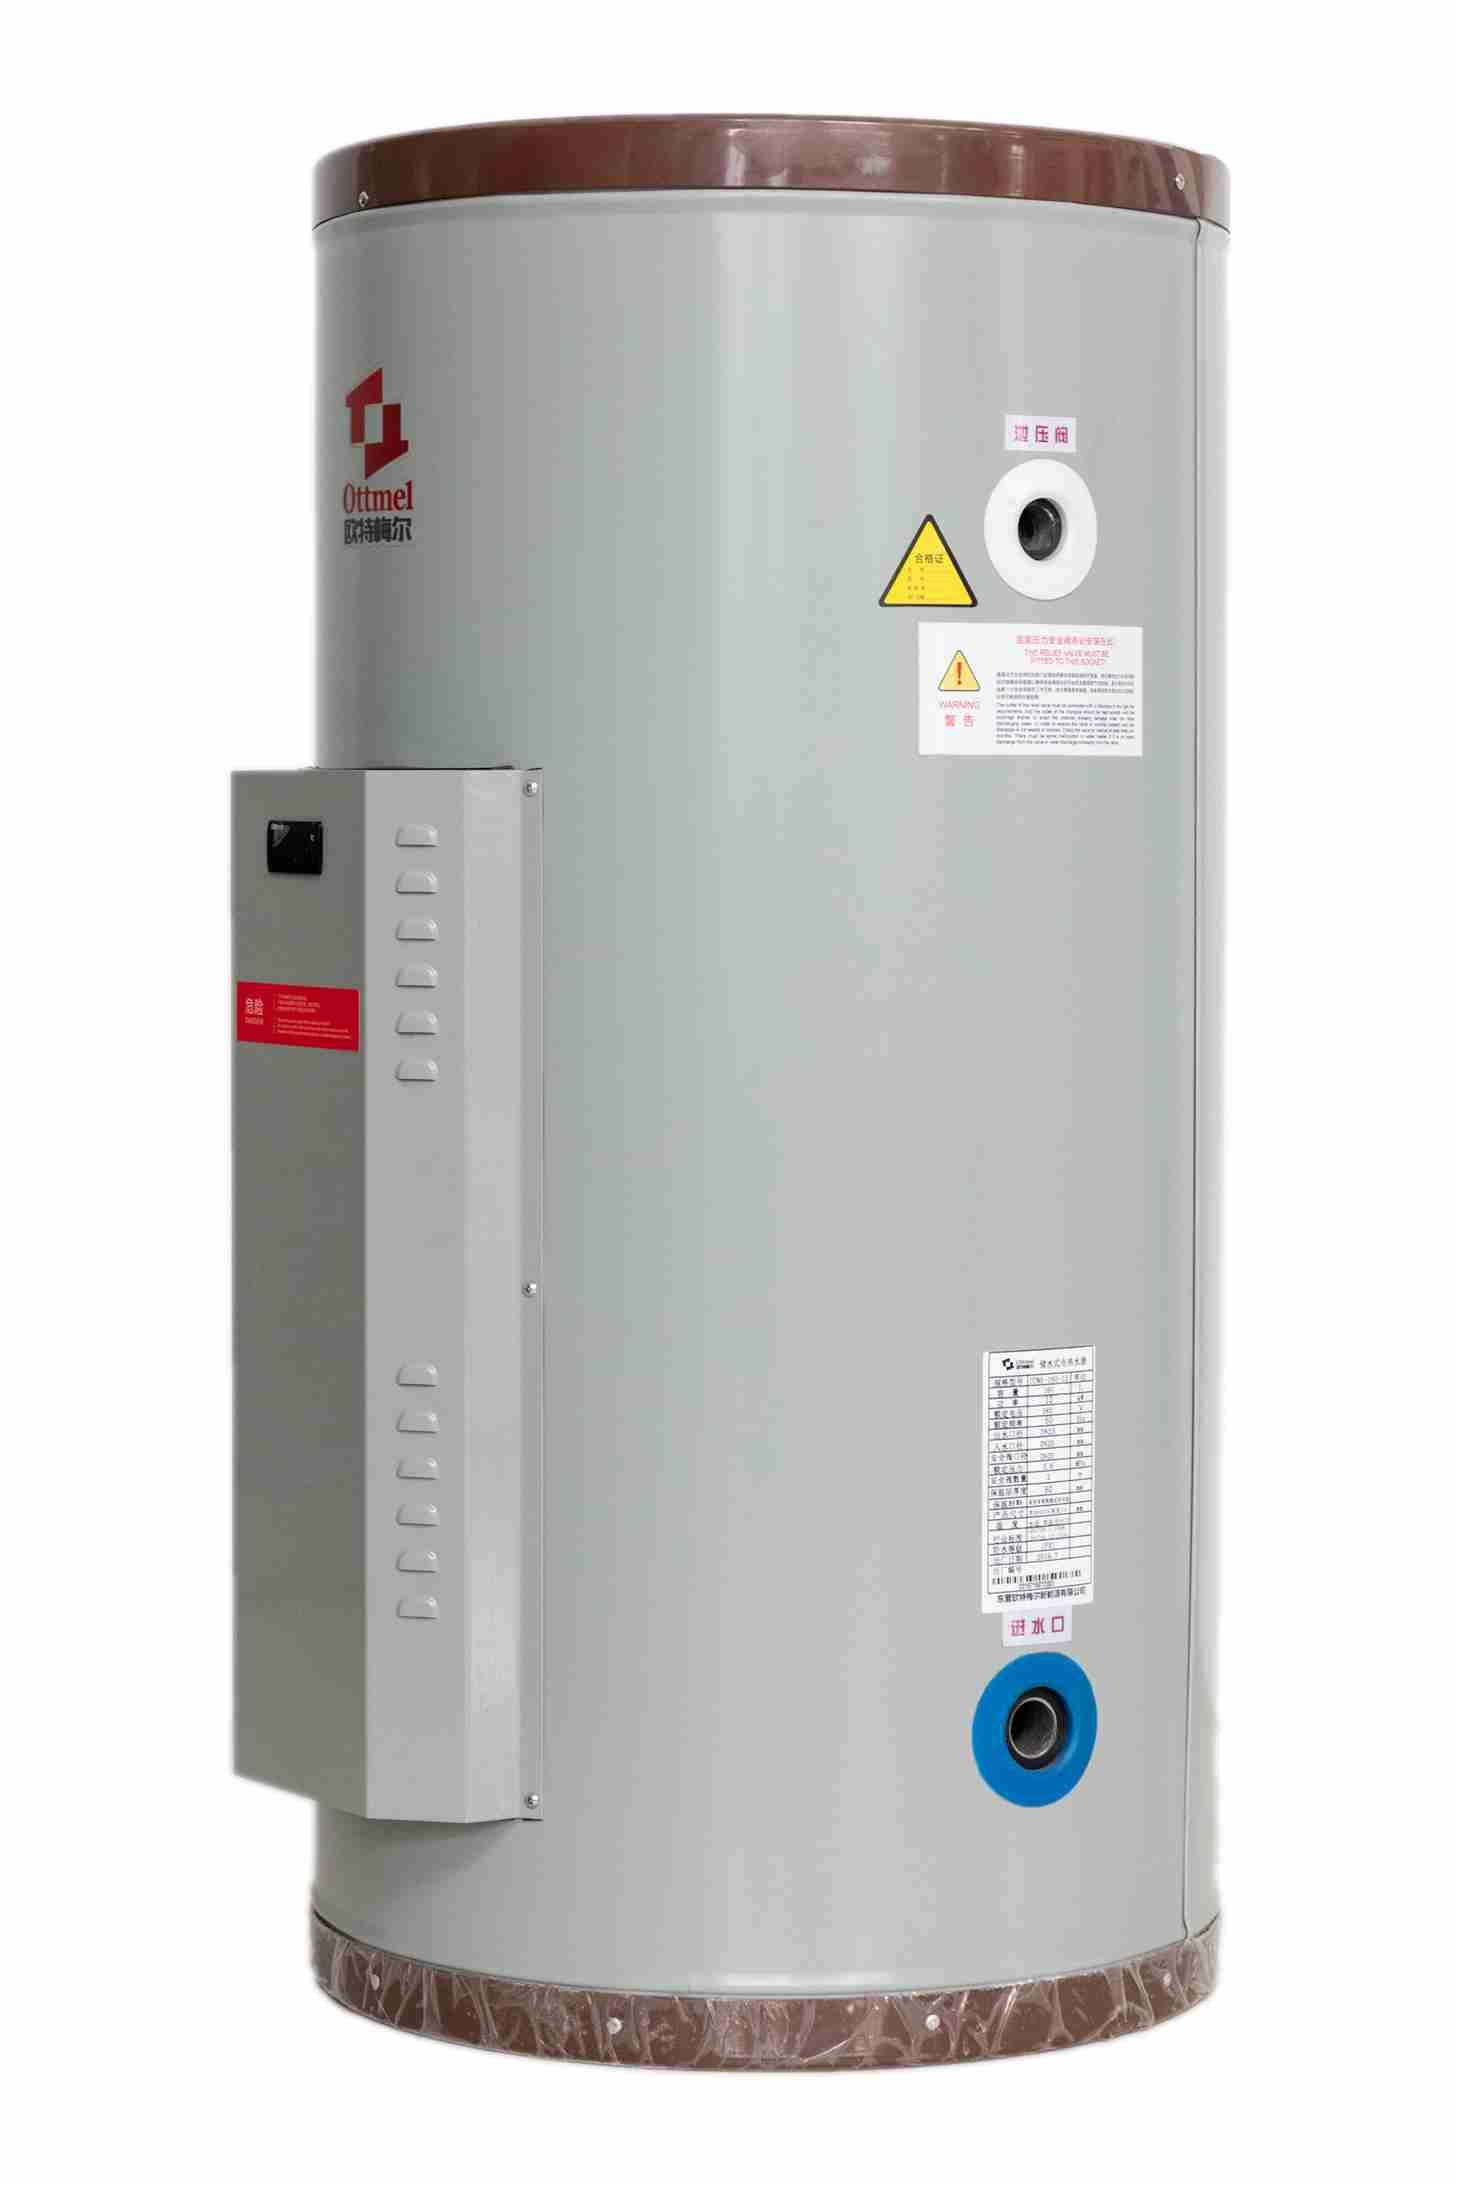 379升容积式热水器说明书 欧特梅尔新能源供应